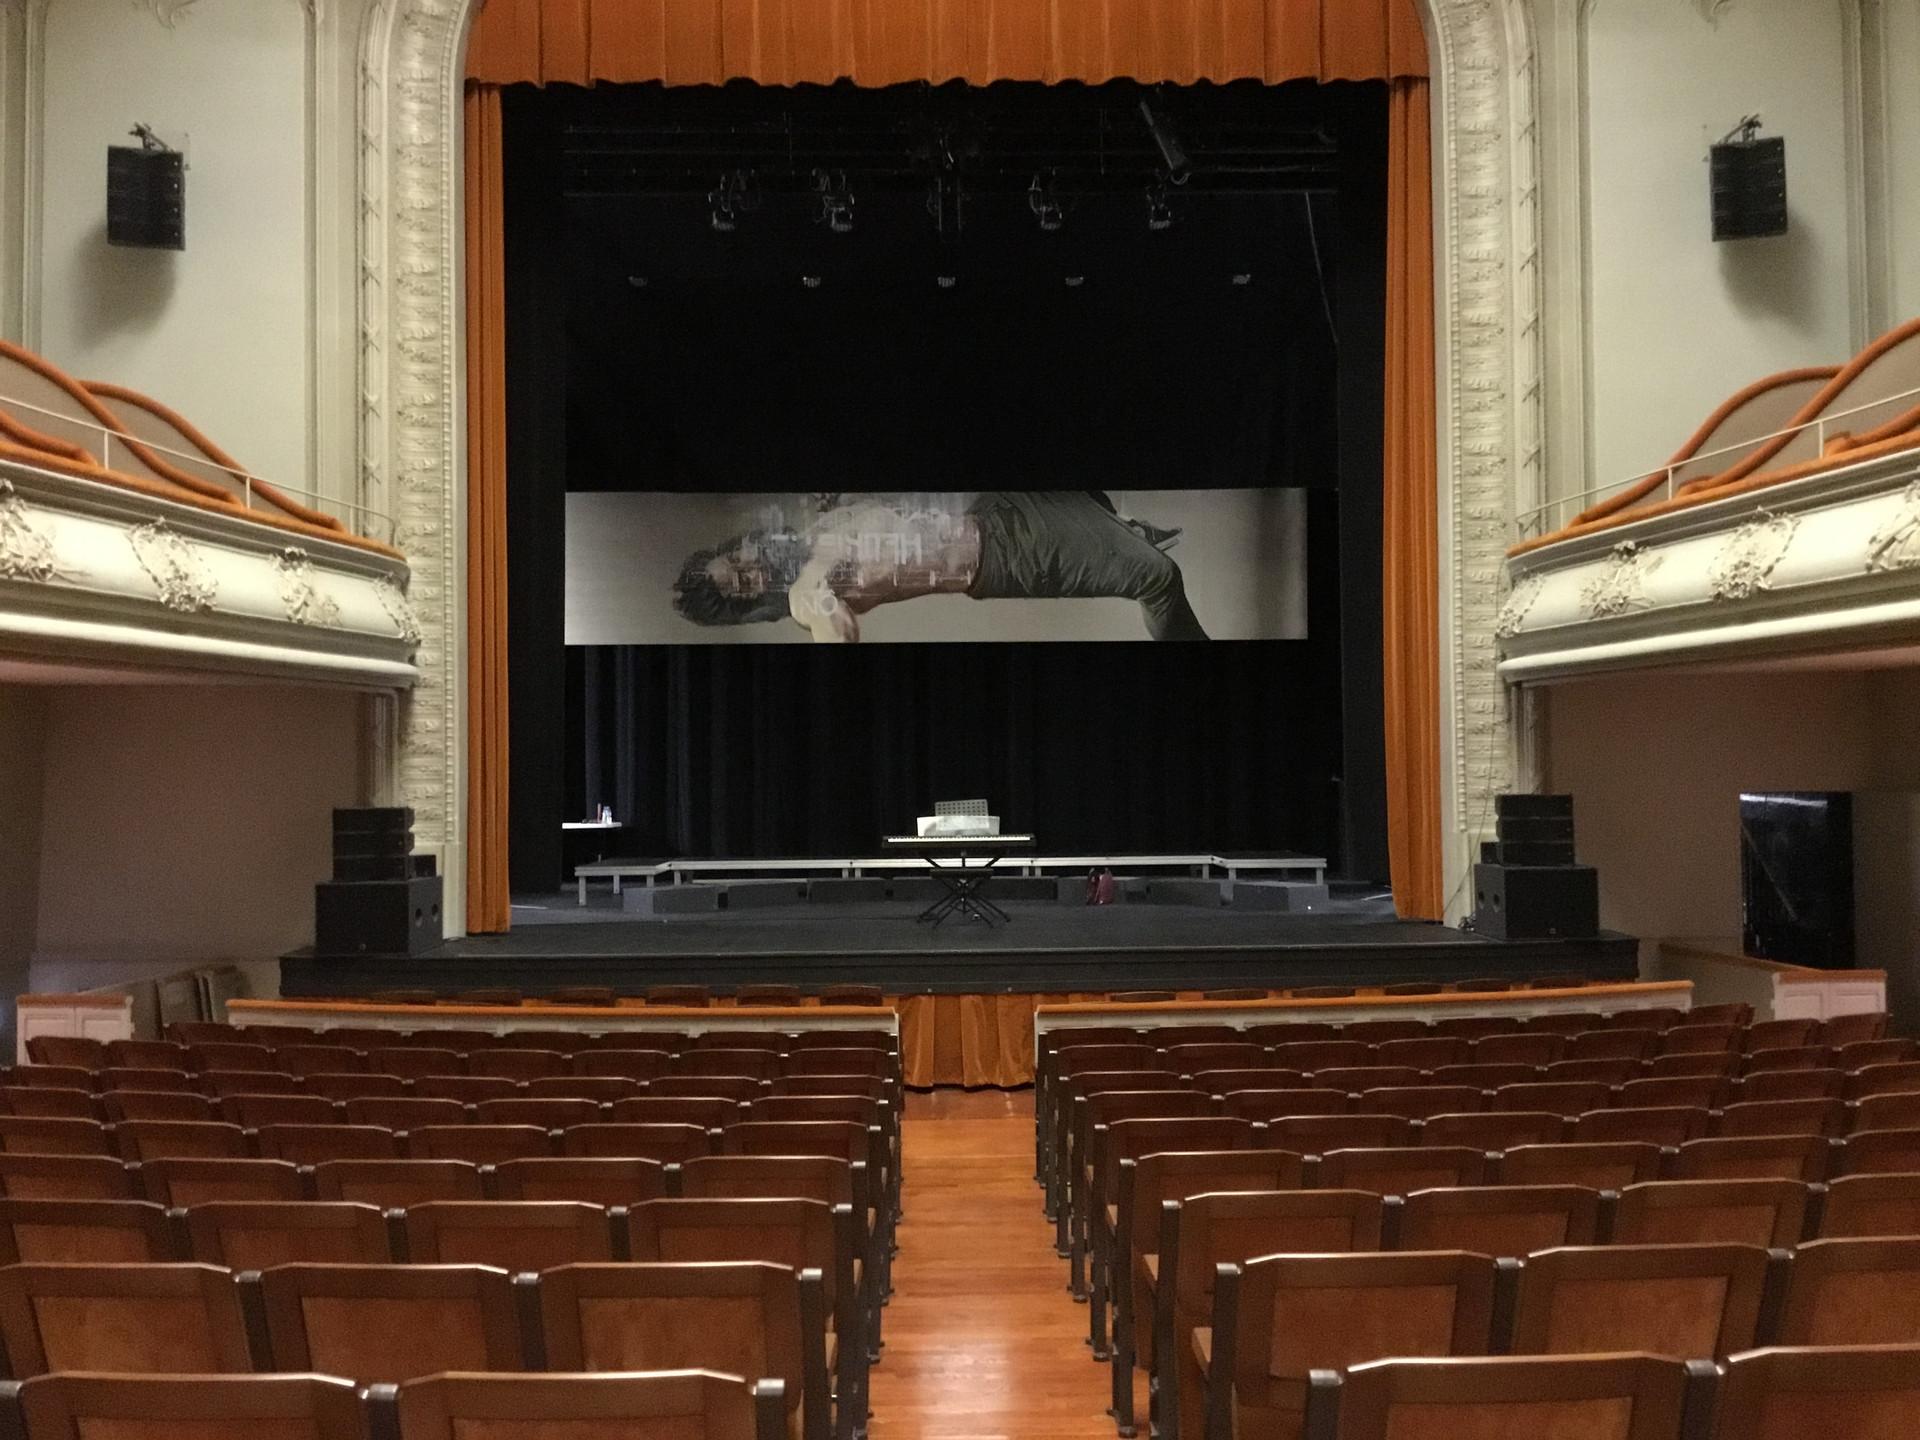 2016 Câtel Guyon, Théâtre